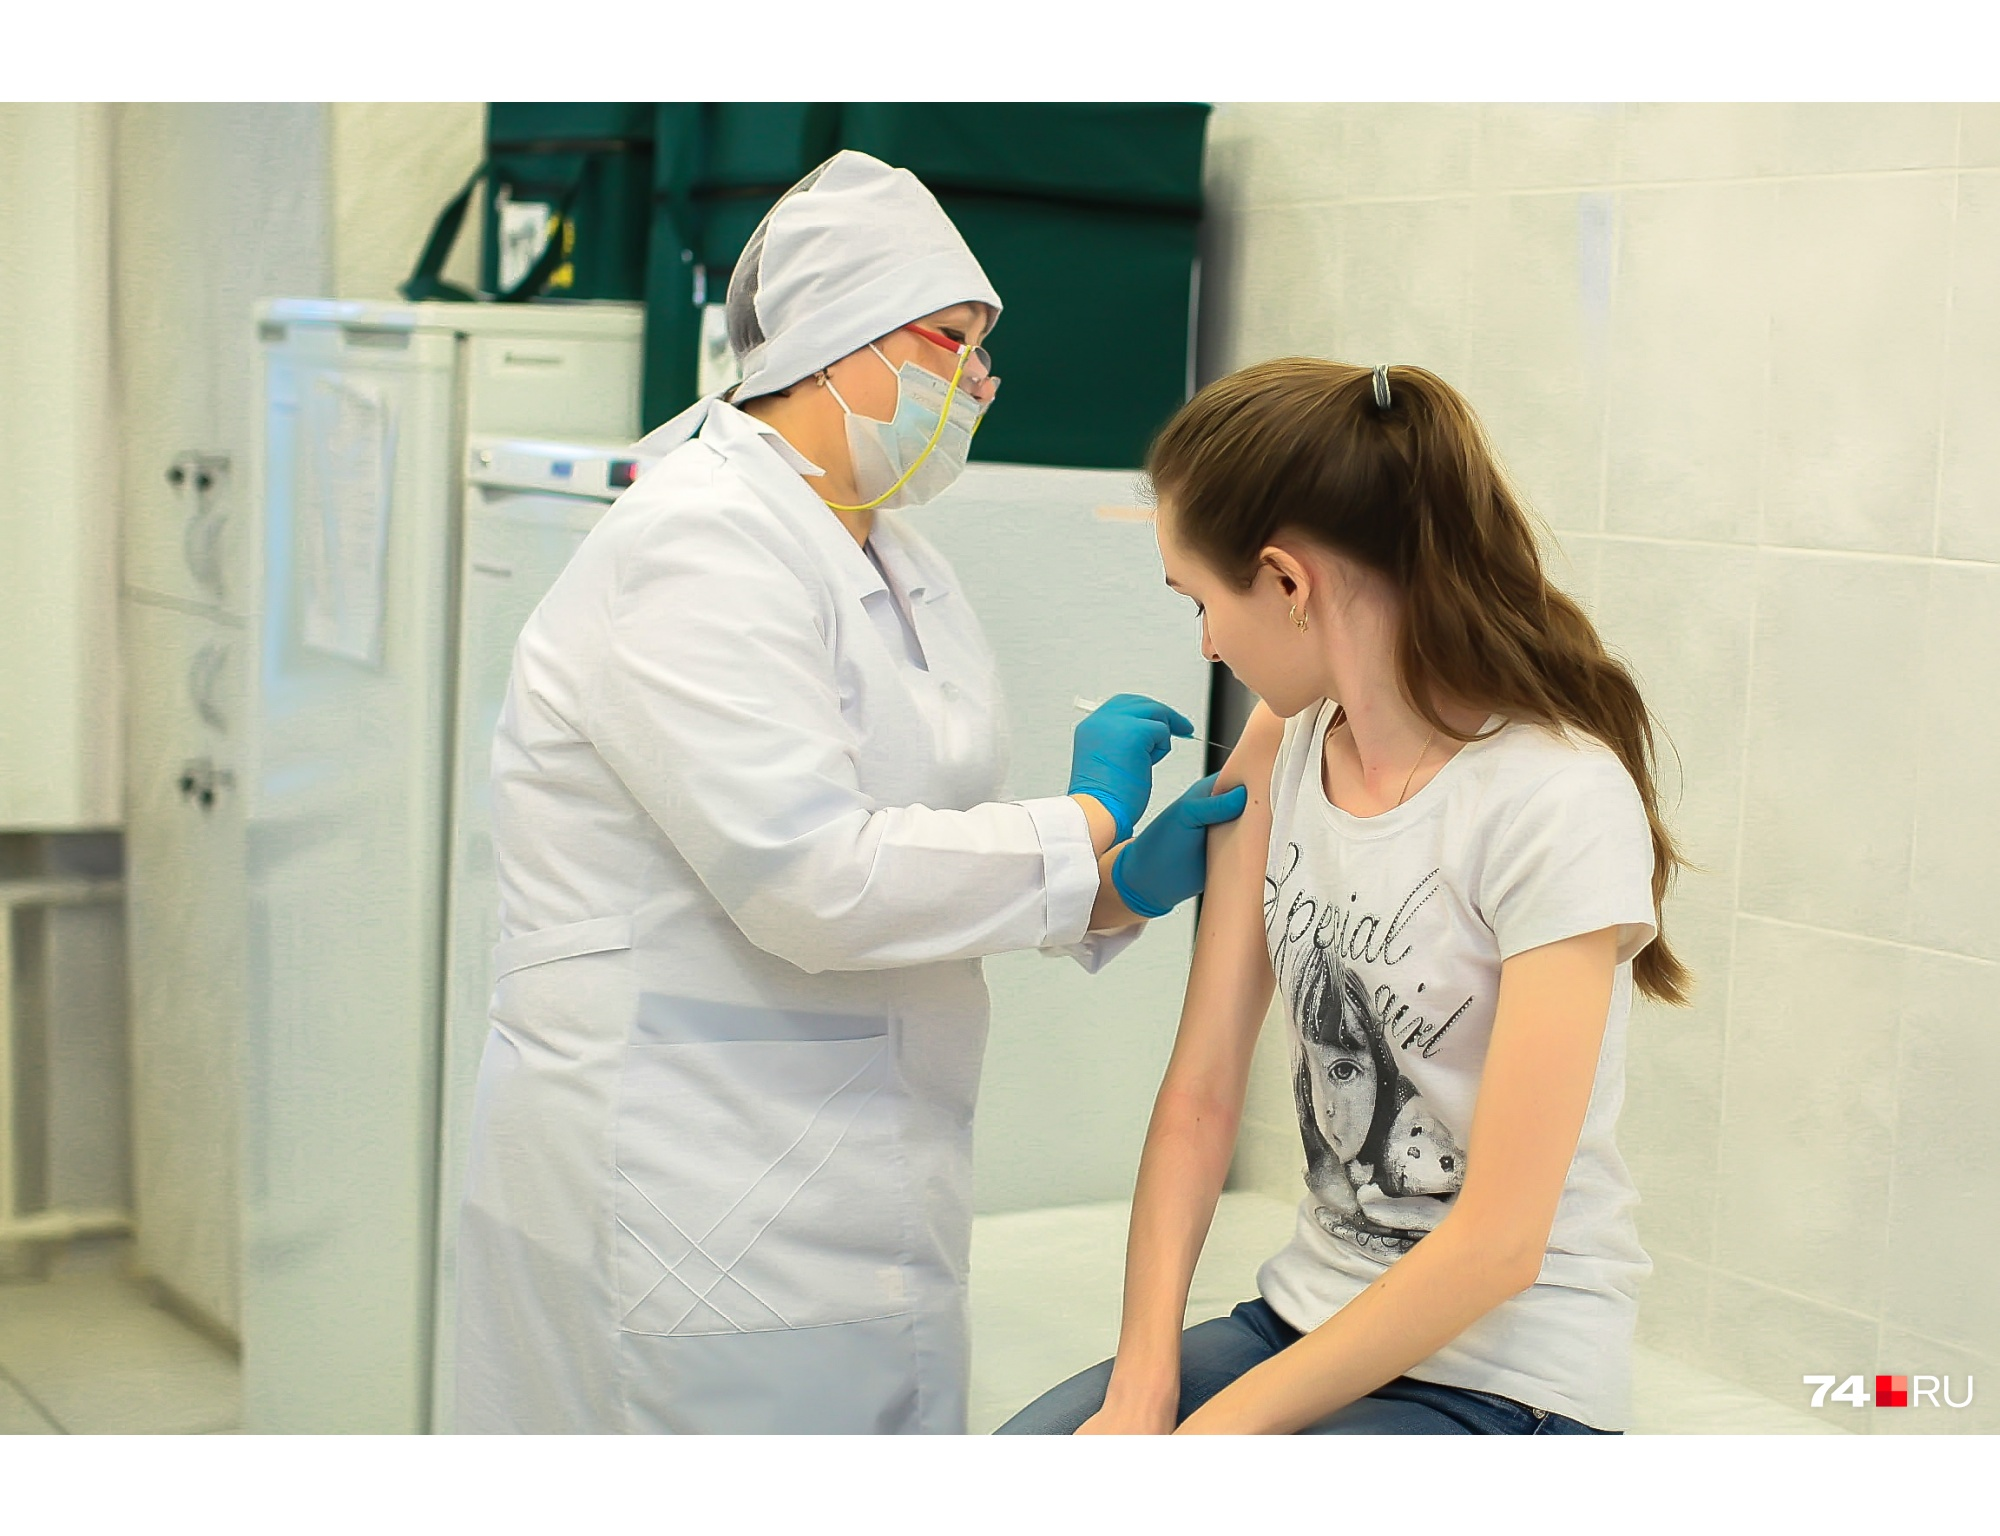 Три из четырех зарегистрированных вакцин вводят в два этапа